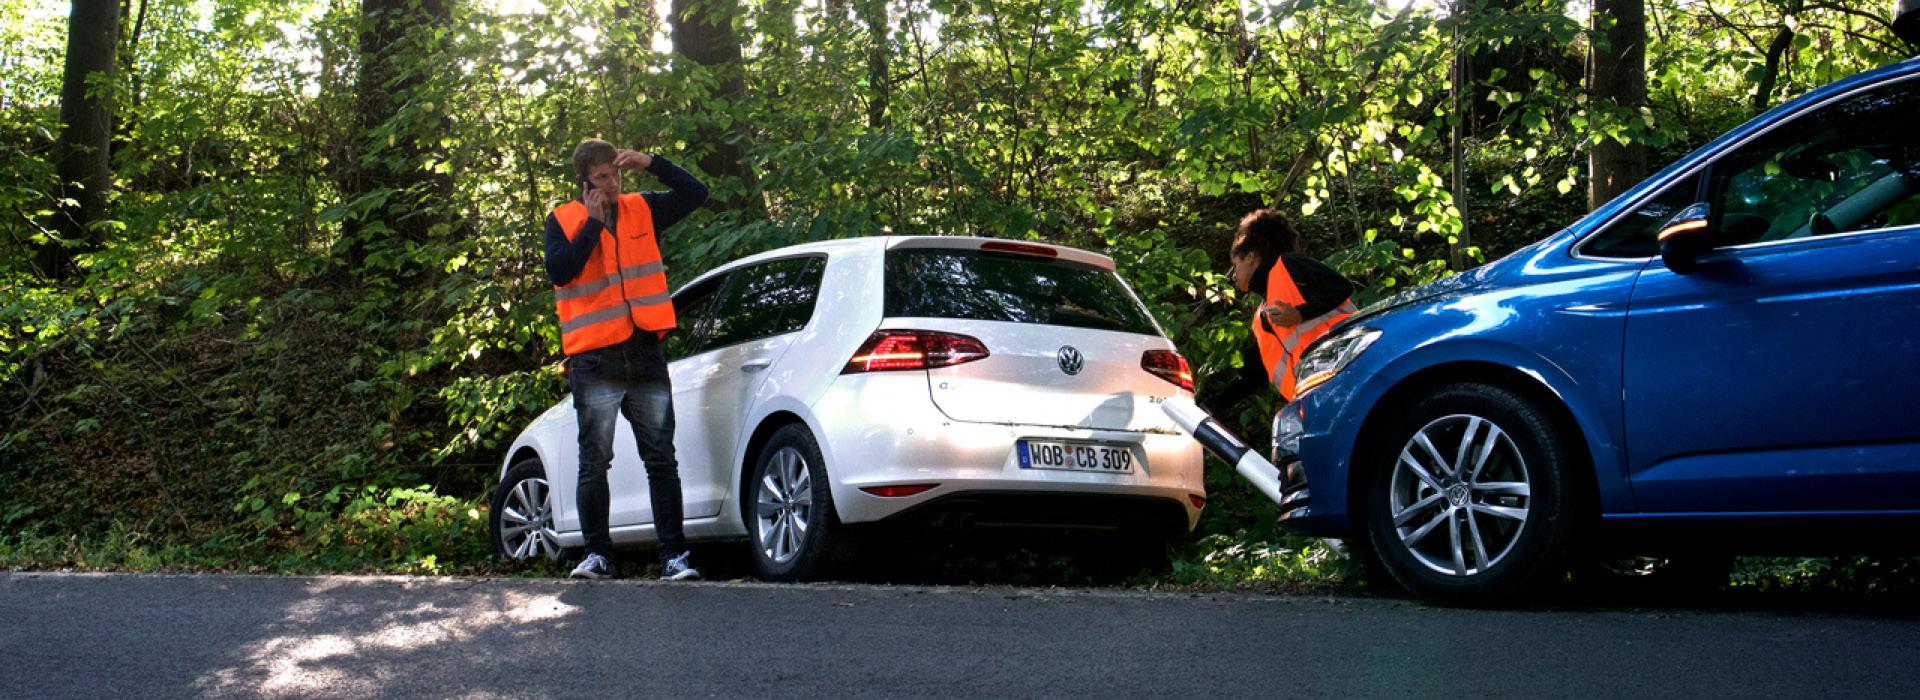 Unfall- und Notdienst